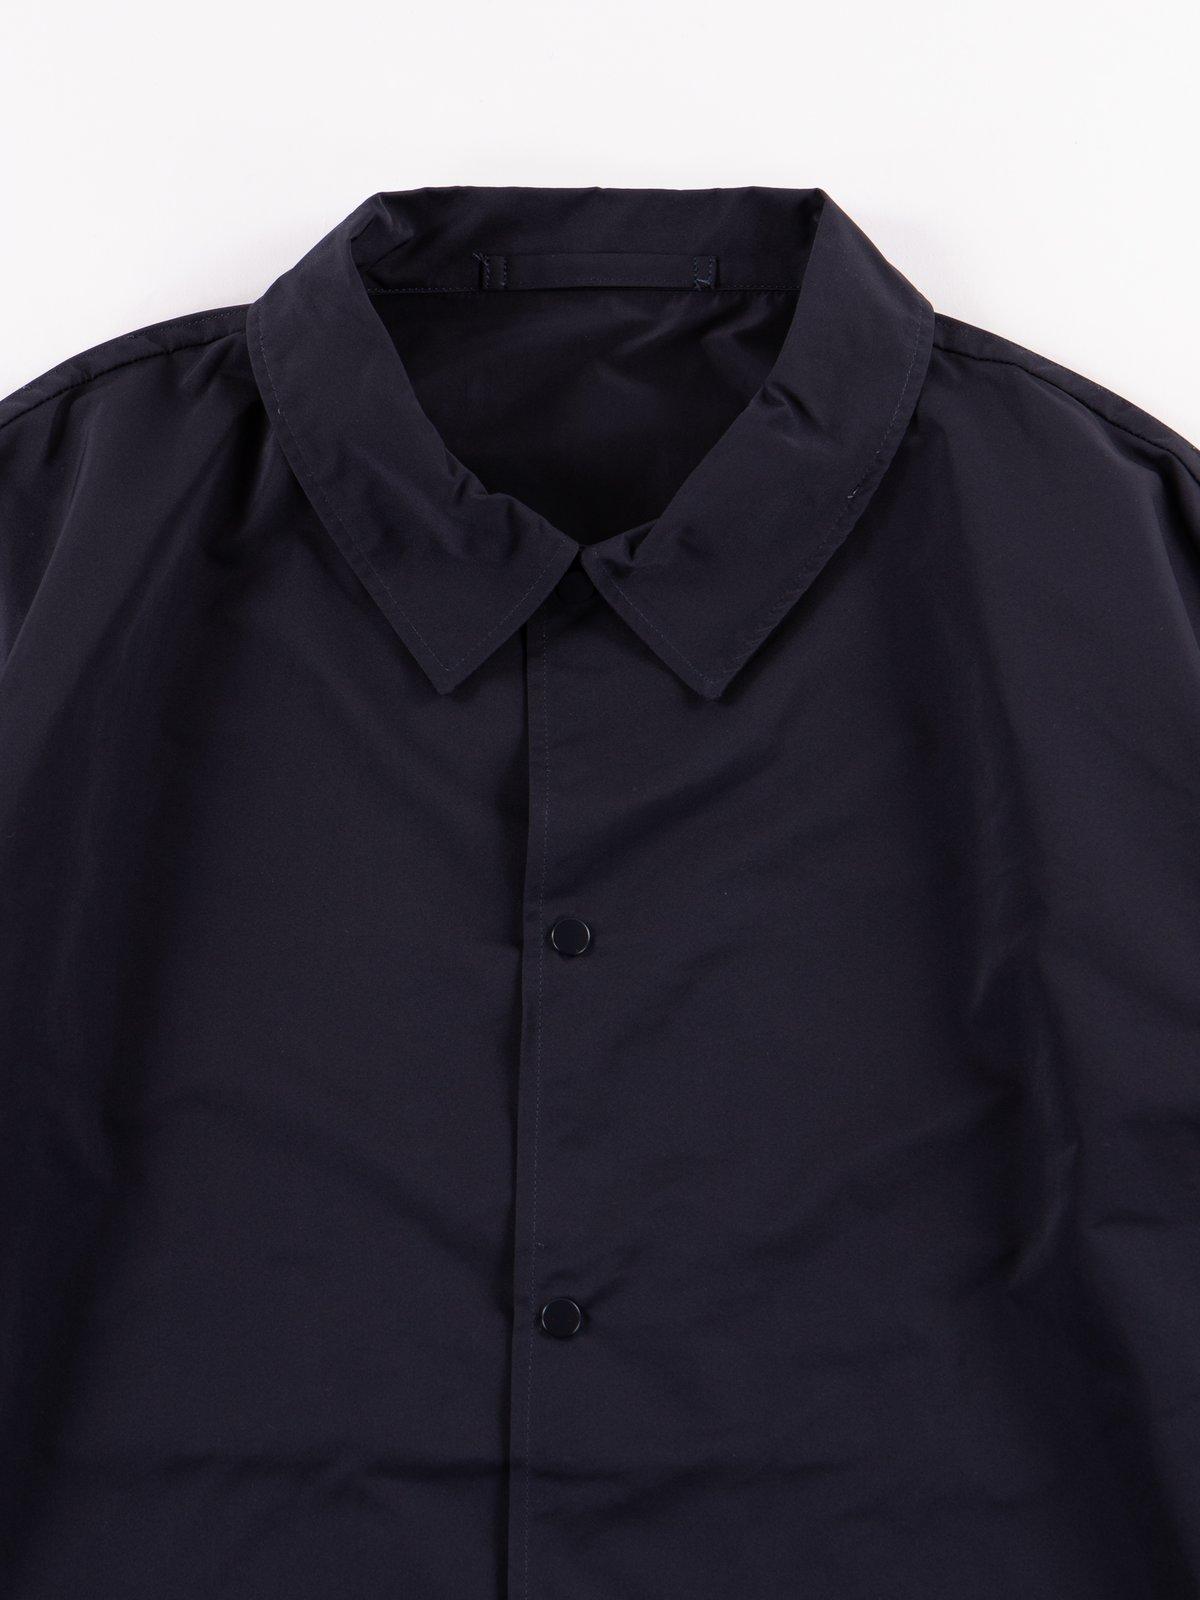 Navy Coach Jacket - Image 4